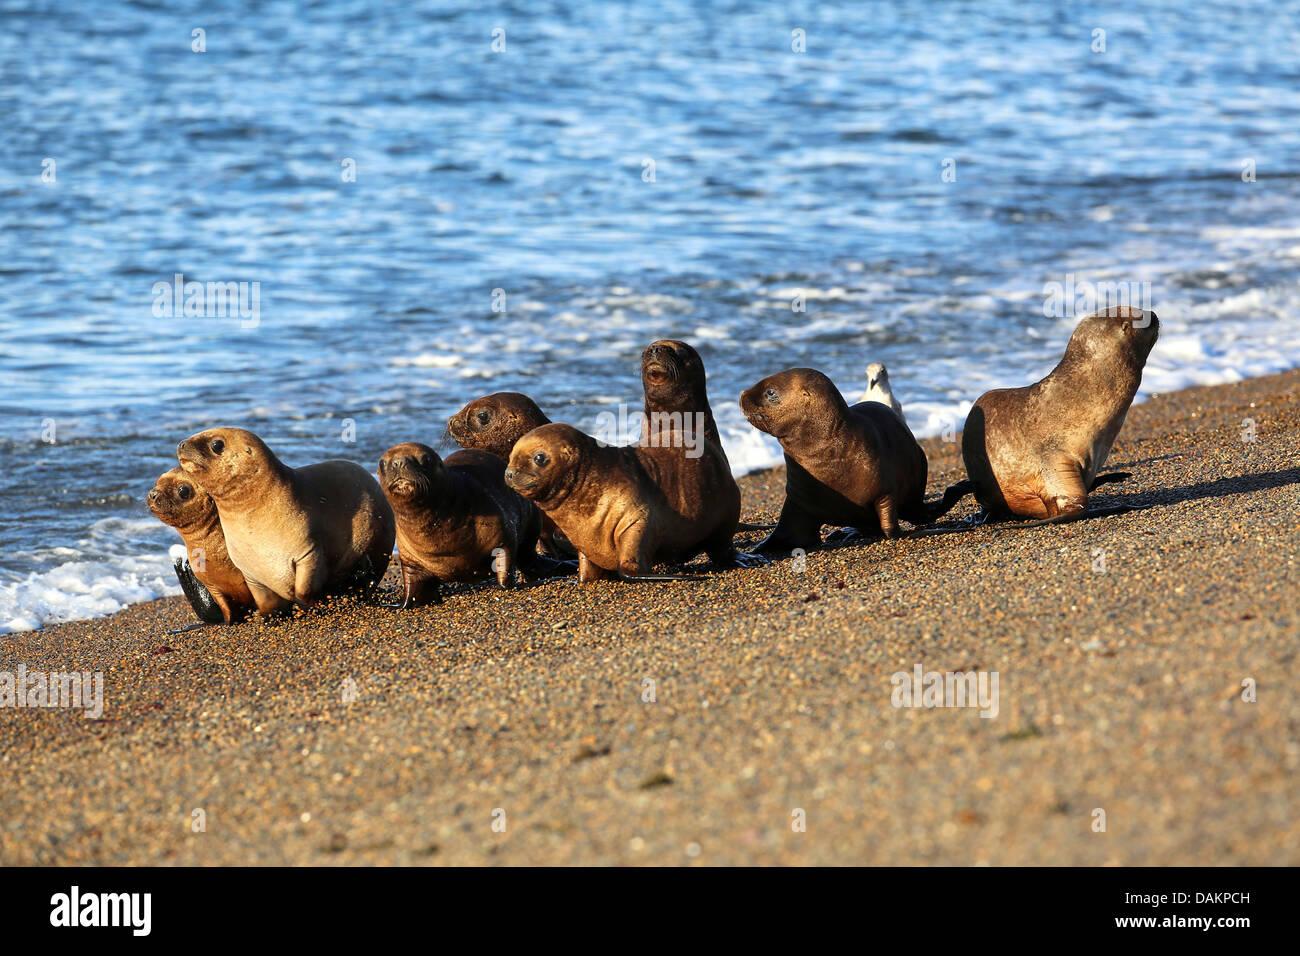 Southern Sea Lion South American Sea Lion Patagonian Sea Lion